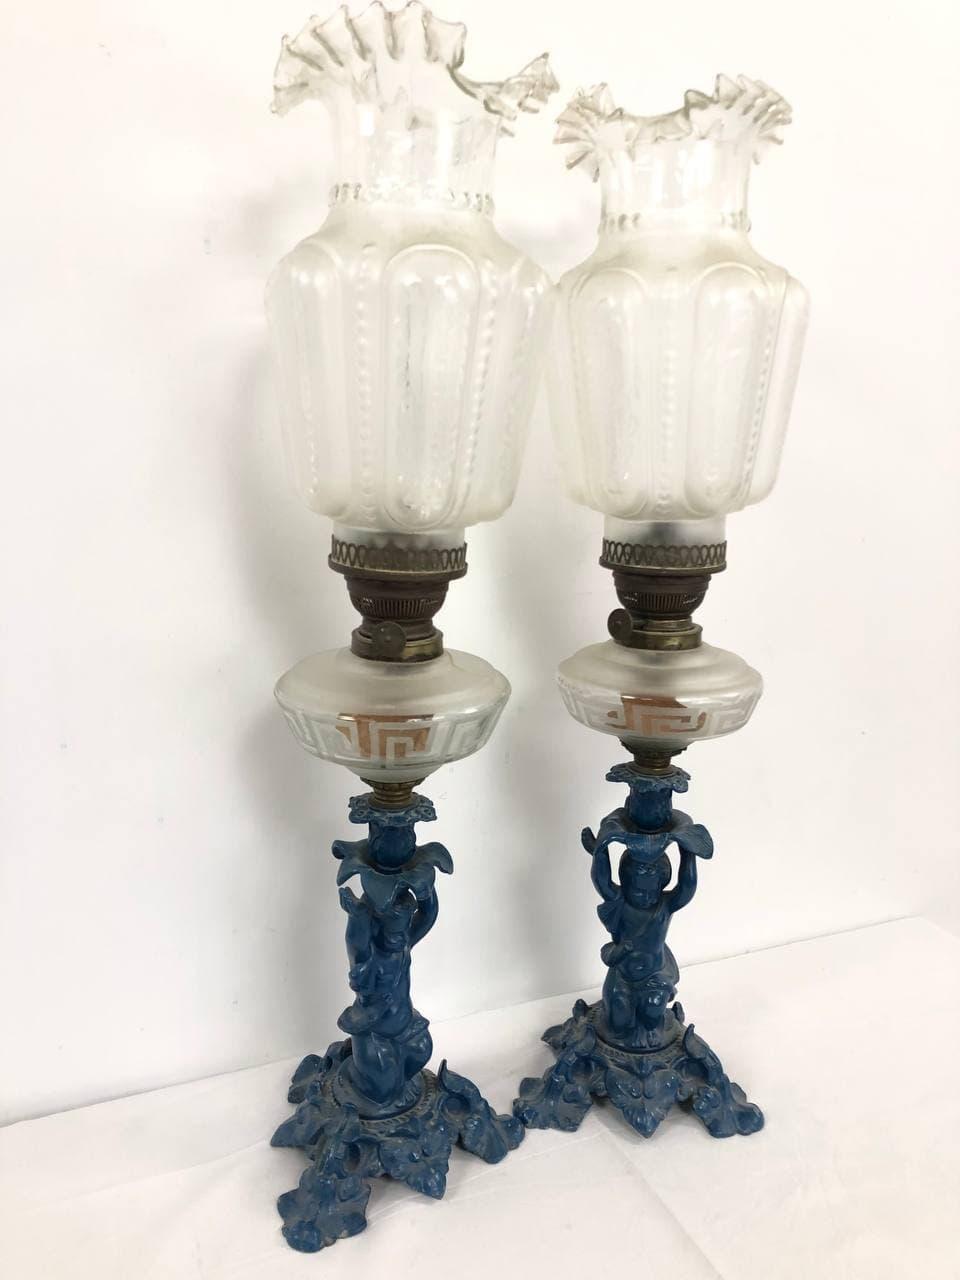 Антикварные керосиновые лампы из чугуна